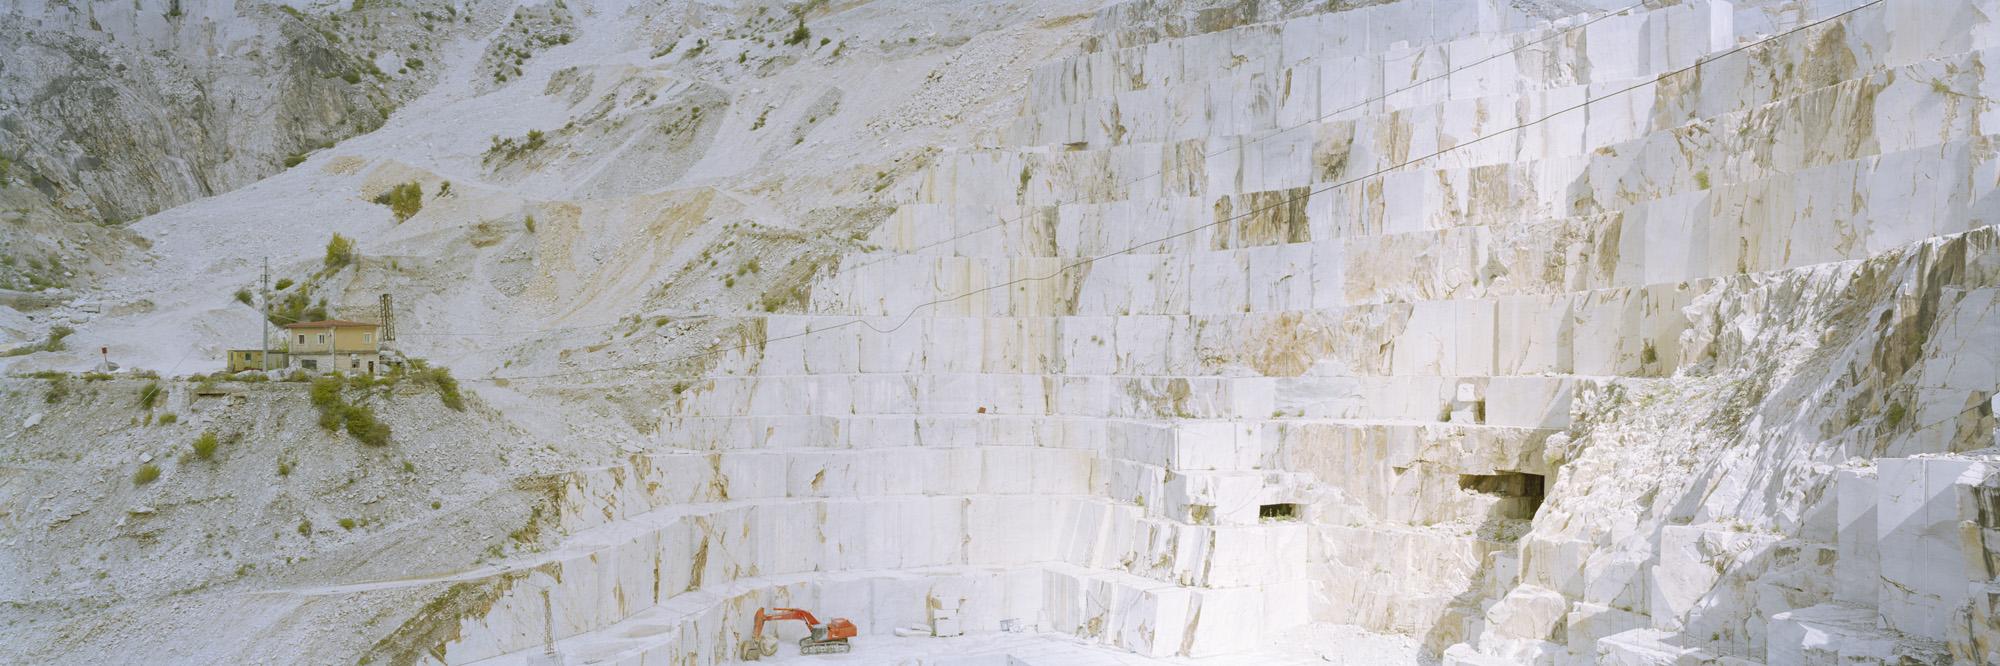 large format photography, Grossformatfotografie, Grossformatphotographie, Fotografie, Photographie, photography, 6x17, Tagebau, Marmor, Stein, Gestein, Weiß, marmoriert, Italien, Alpi Apuane,